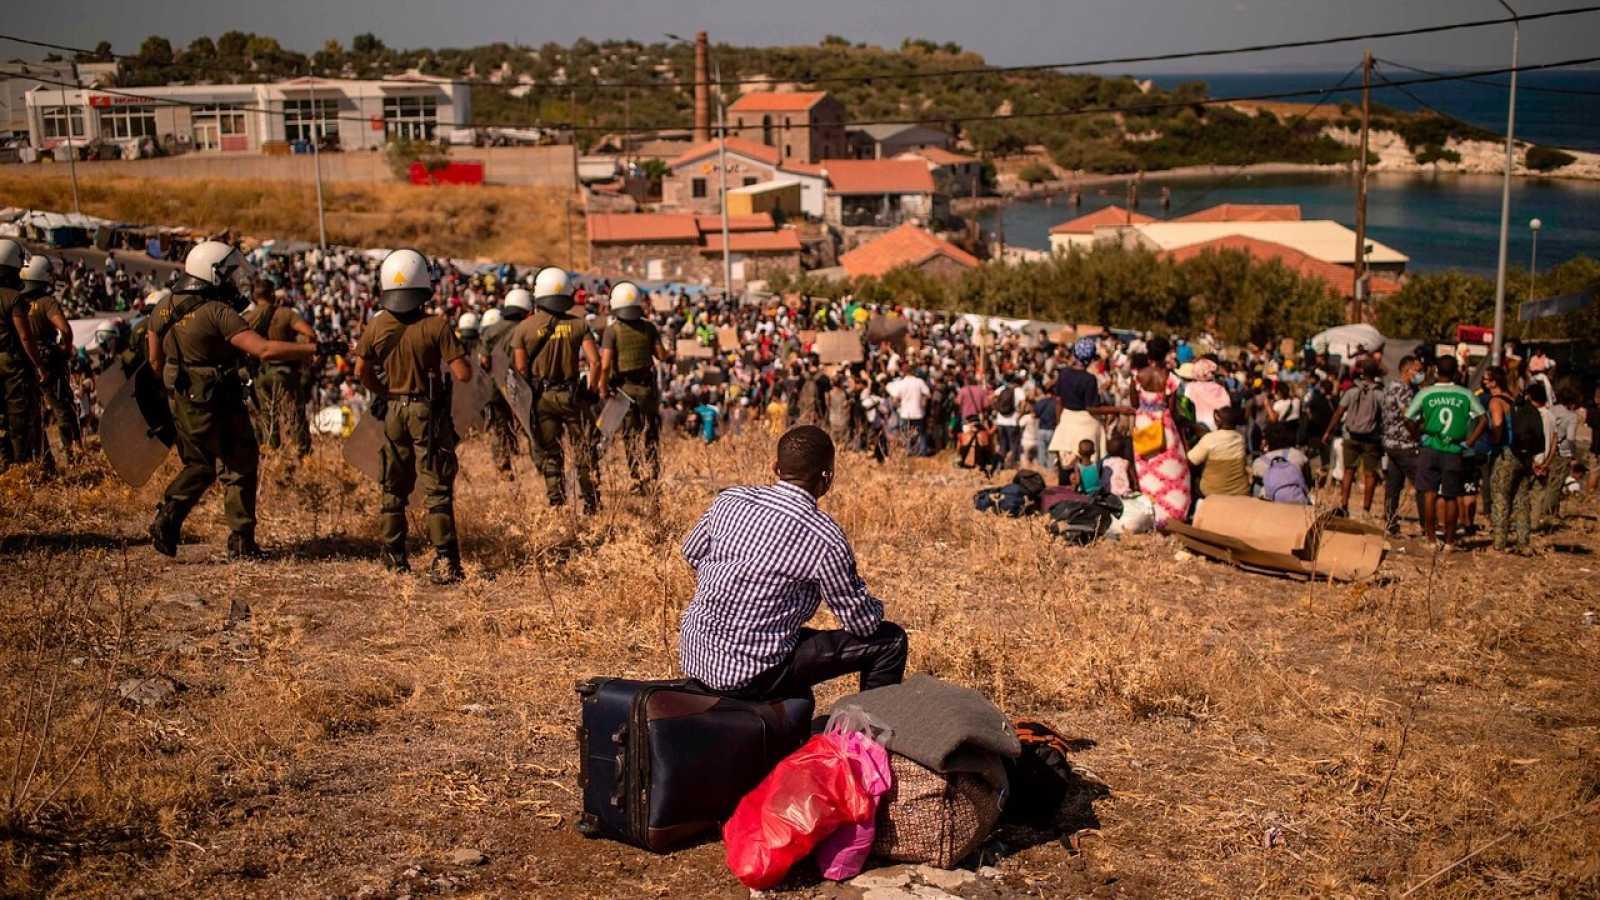 Miles de refugiados en Lesbos afrontan a la intemperie un futuro incierto